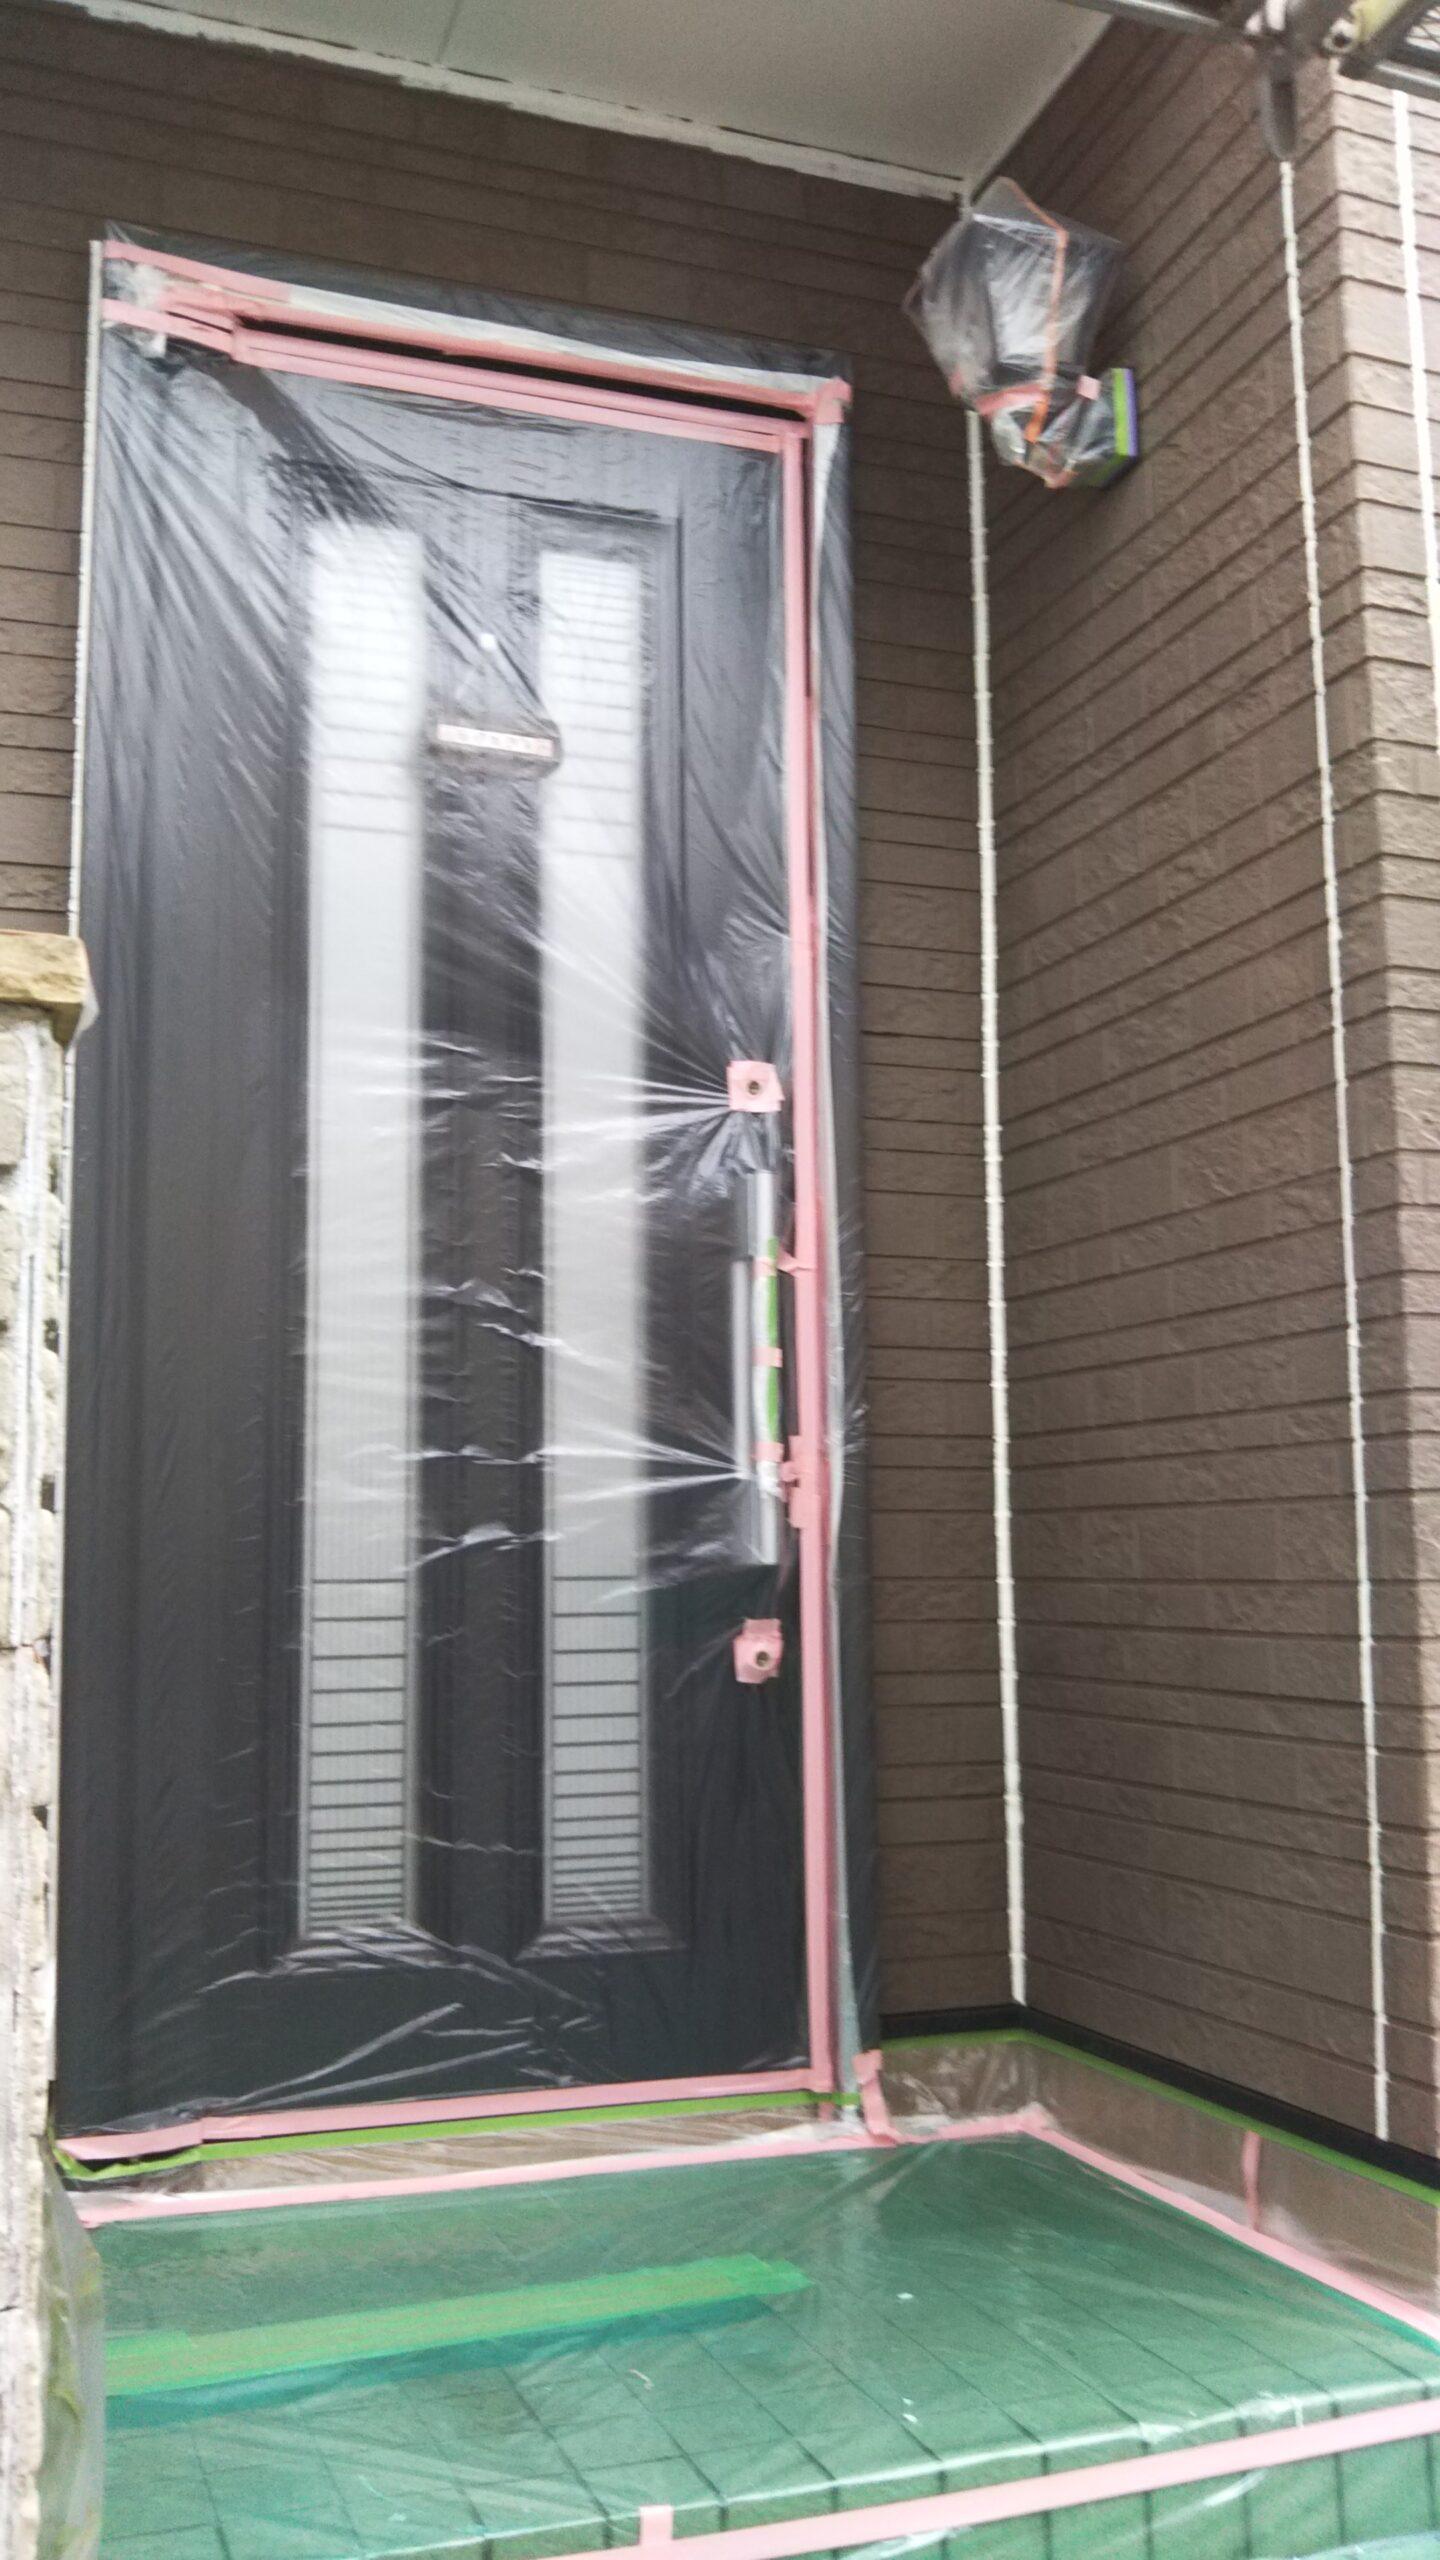 埼玉県さいたま市 外壁塗り替え塗装|さいたま市中央区のT様邸にて塗り替えリフォーム中